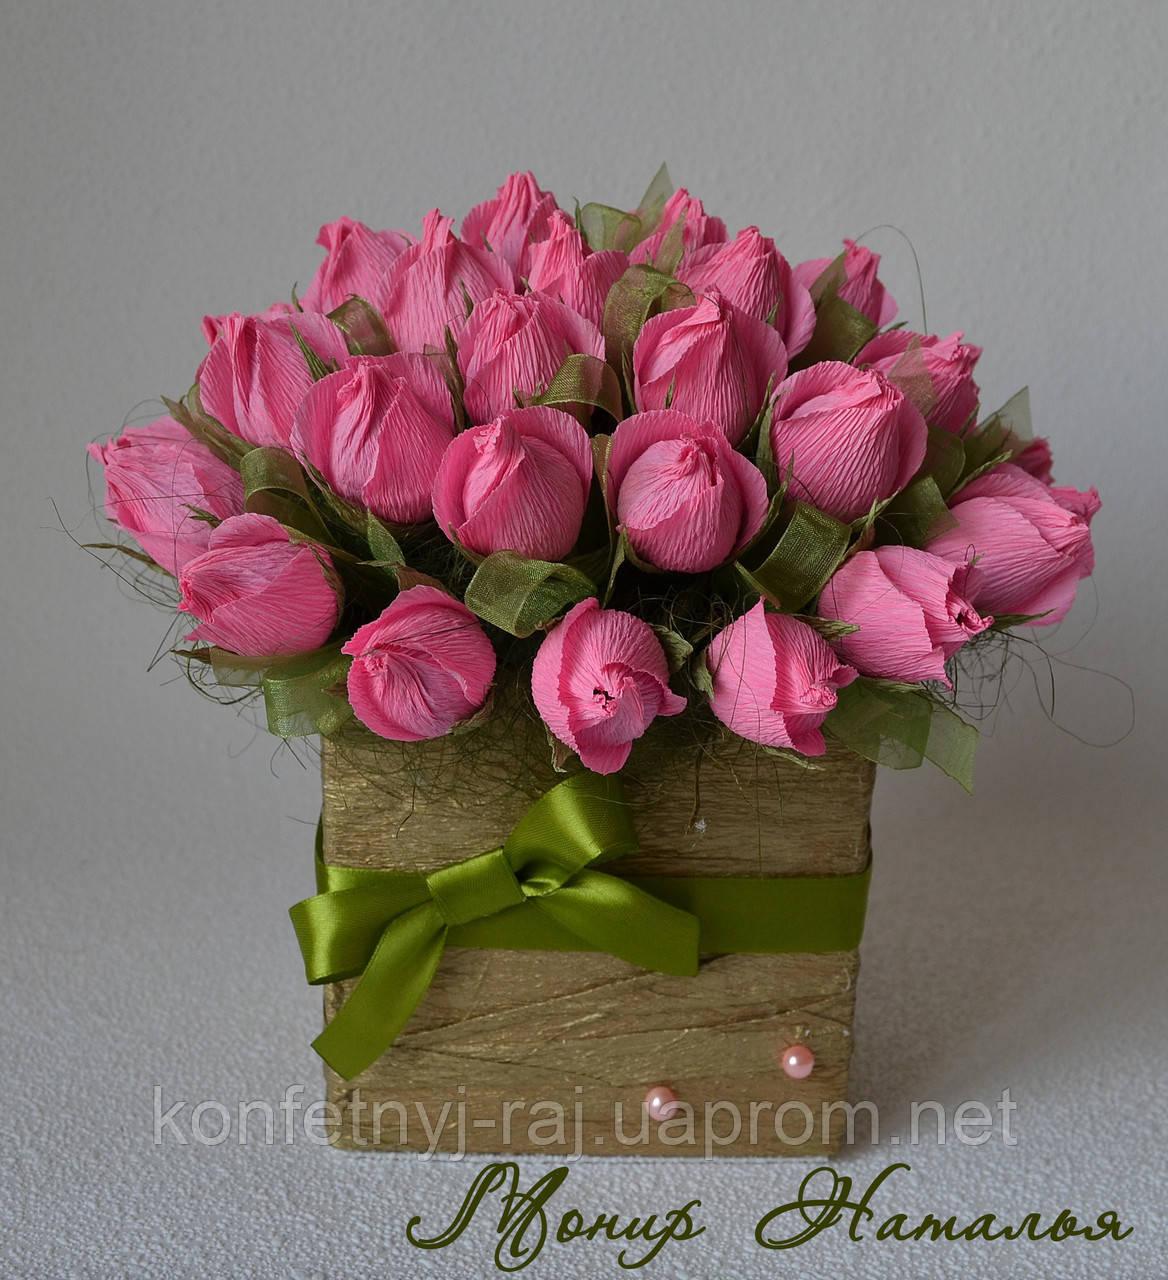 Dinky  Энциклопедия роз  rosebookru